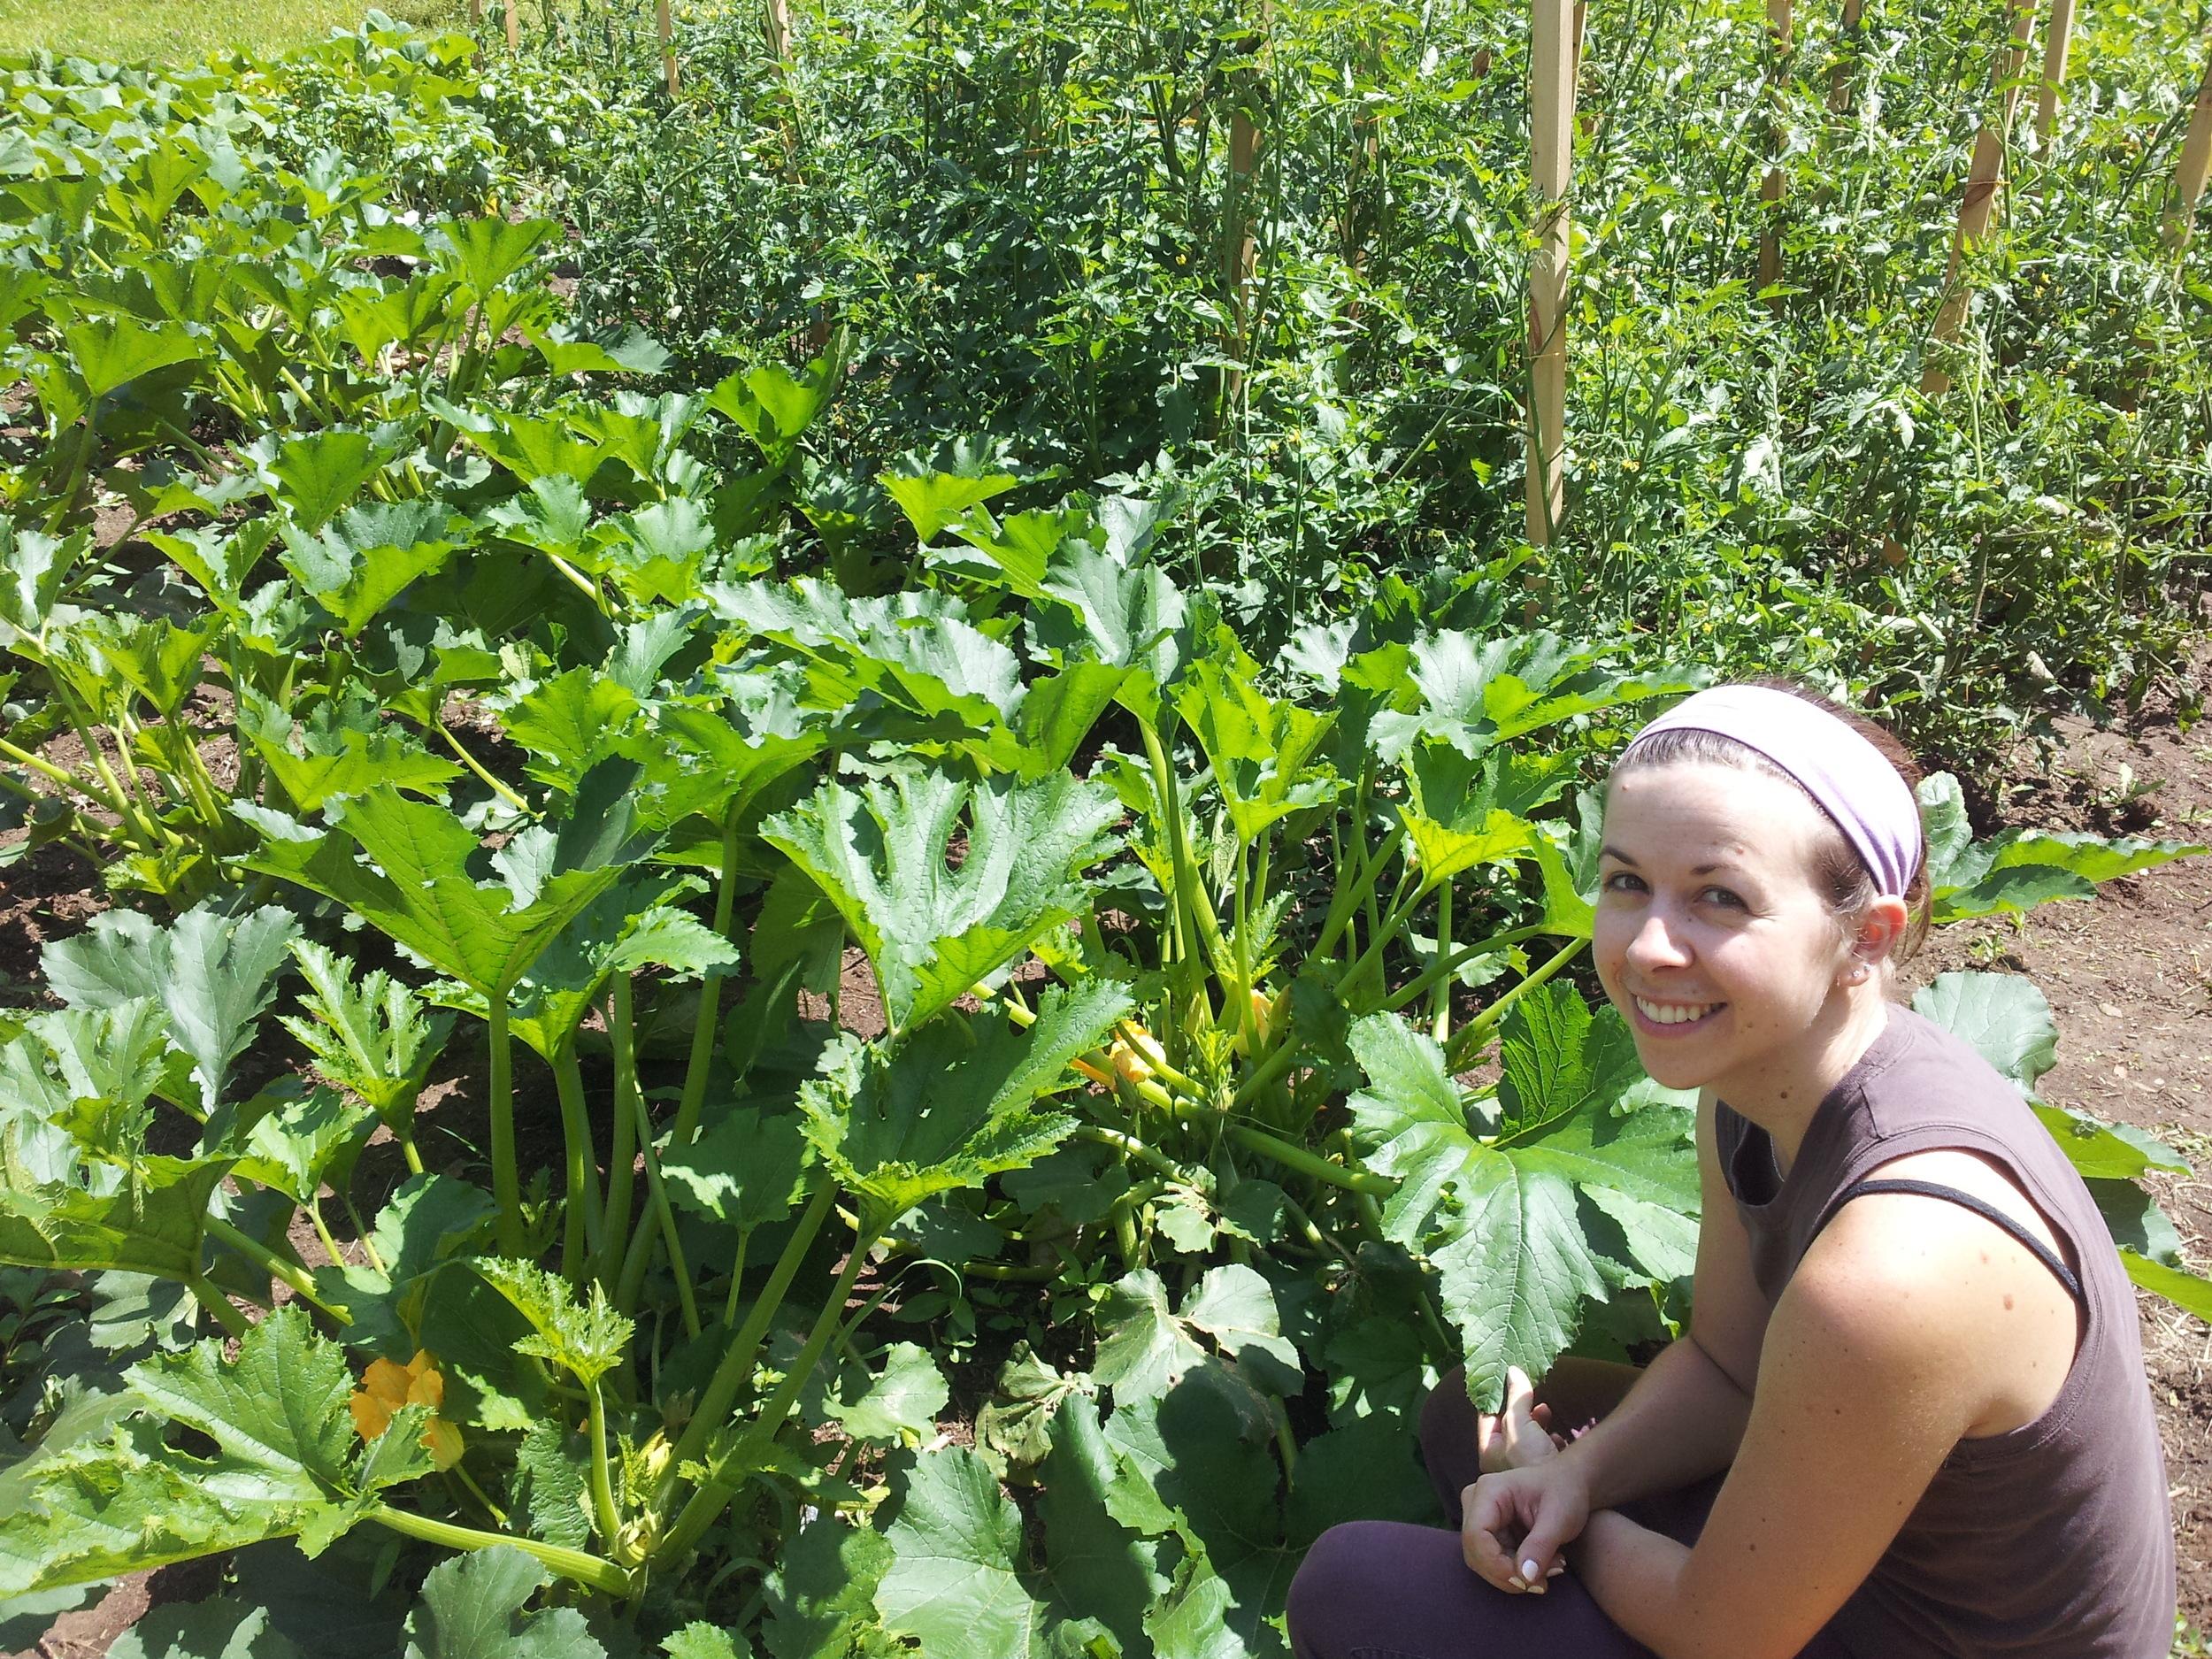 Amy tends the garden